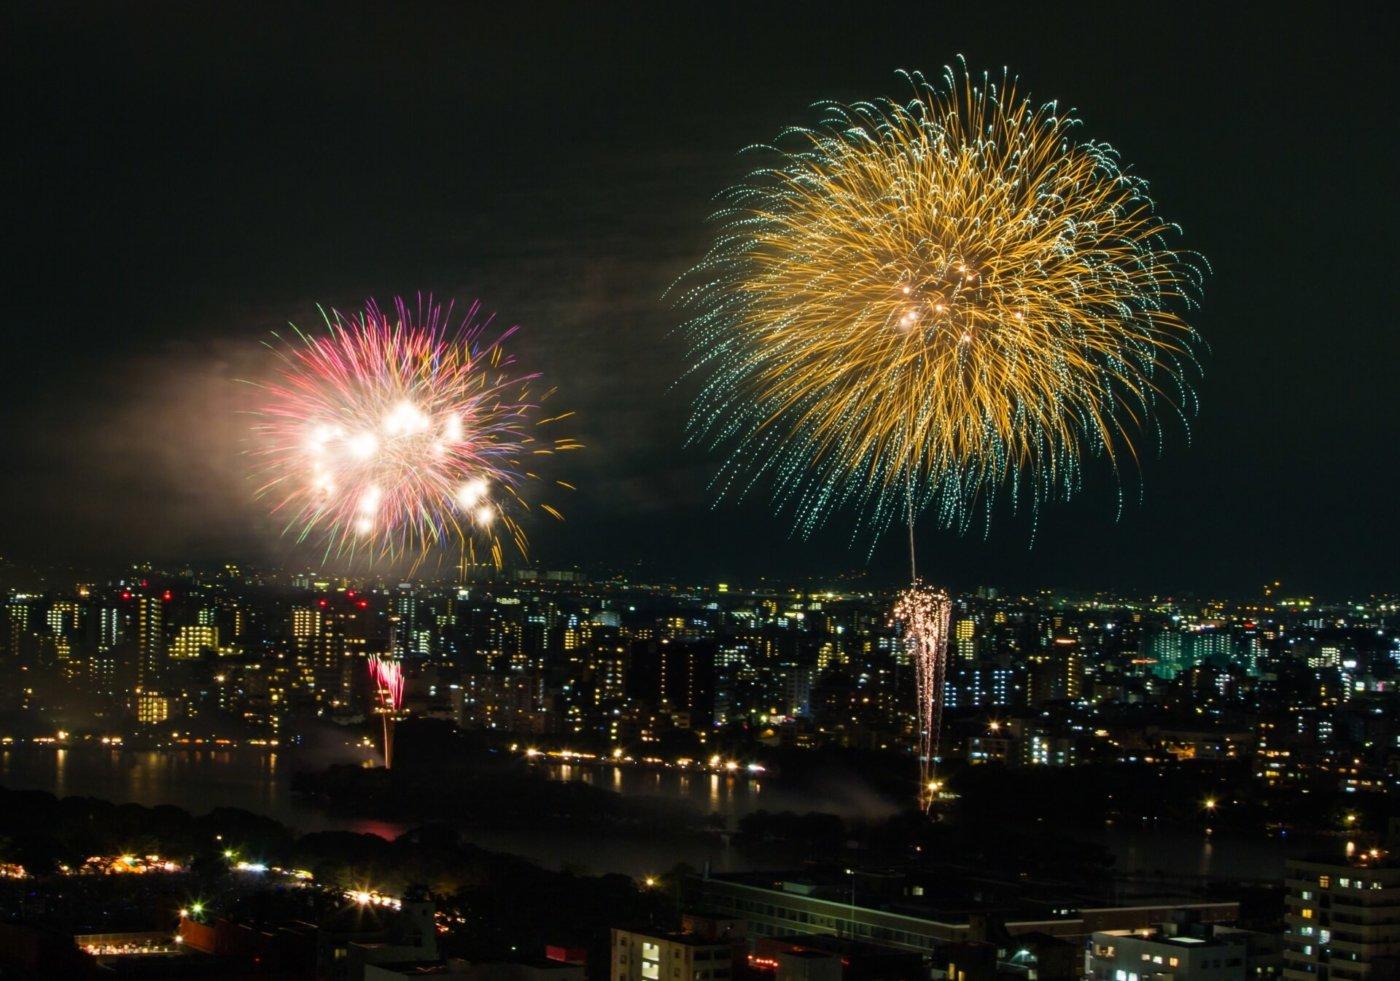 福岡県ならこの花火大会をおすすめします!福岡花火大会ランキング